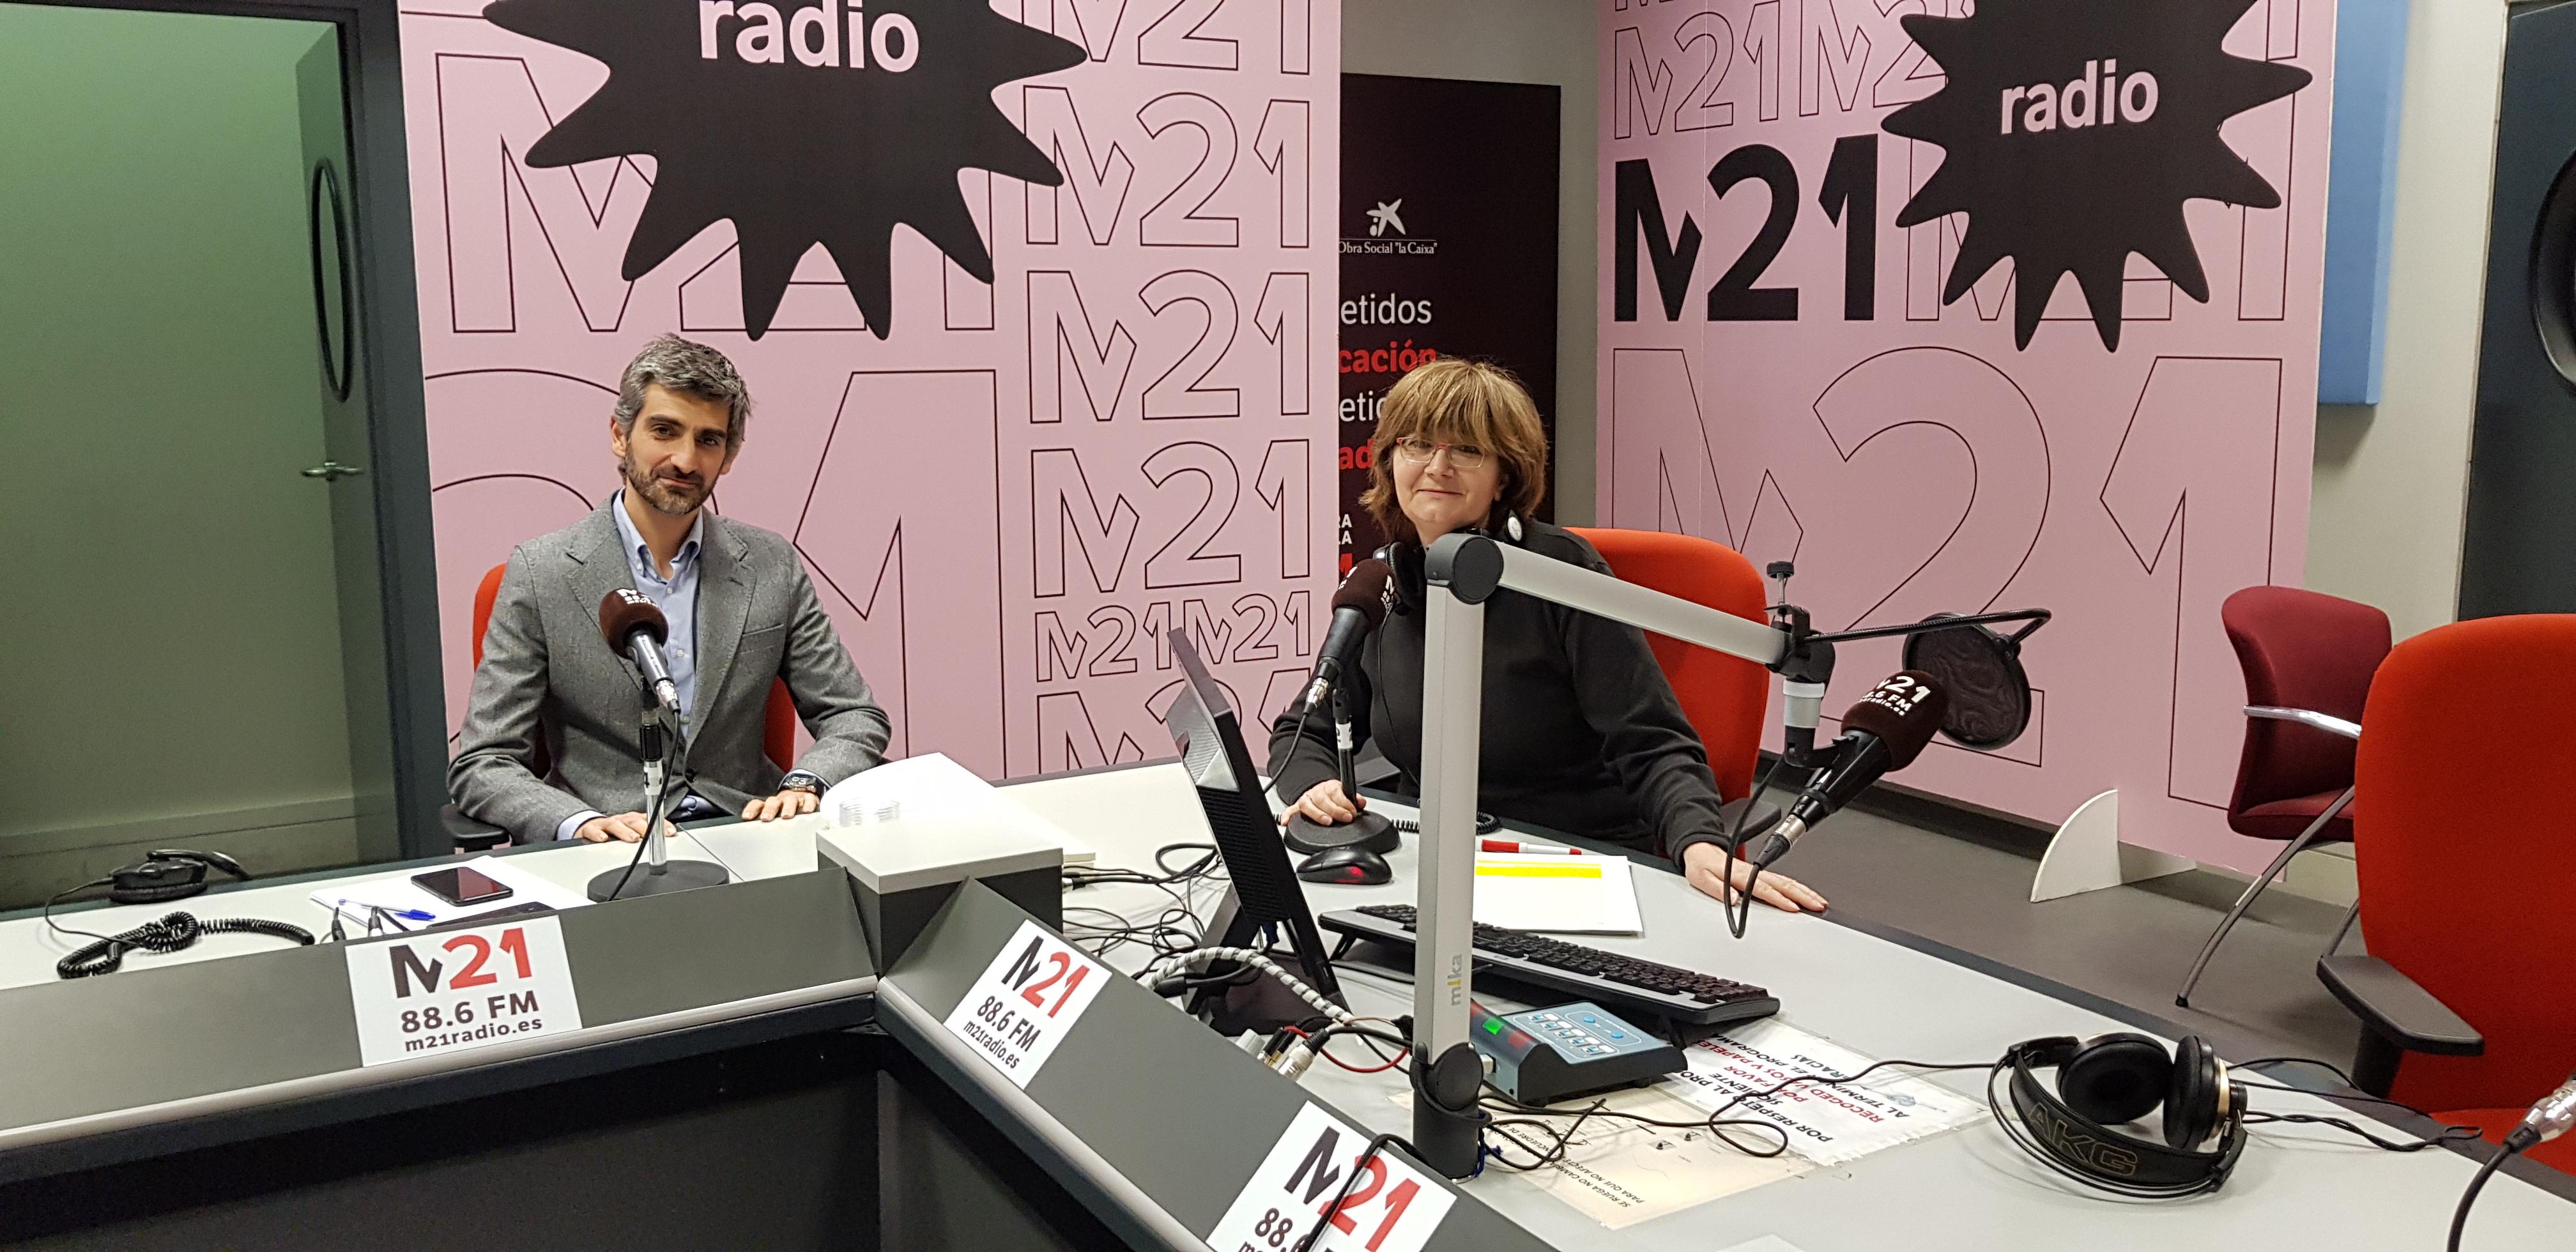 Juan Manuel Garrido, Director de Innovación del Ayuntamiento de Madrid,, junto a María Santos, directora del programa 'Compromiso Madrid